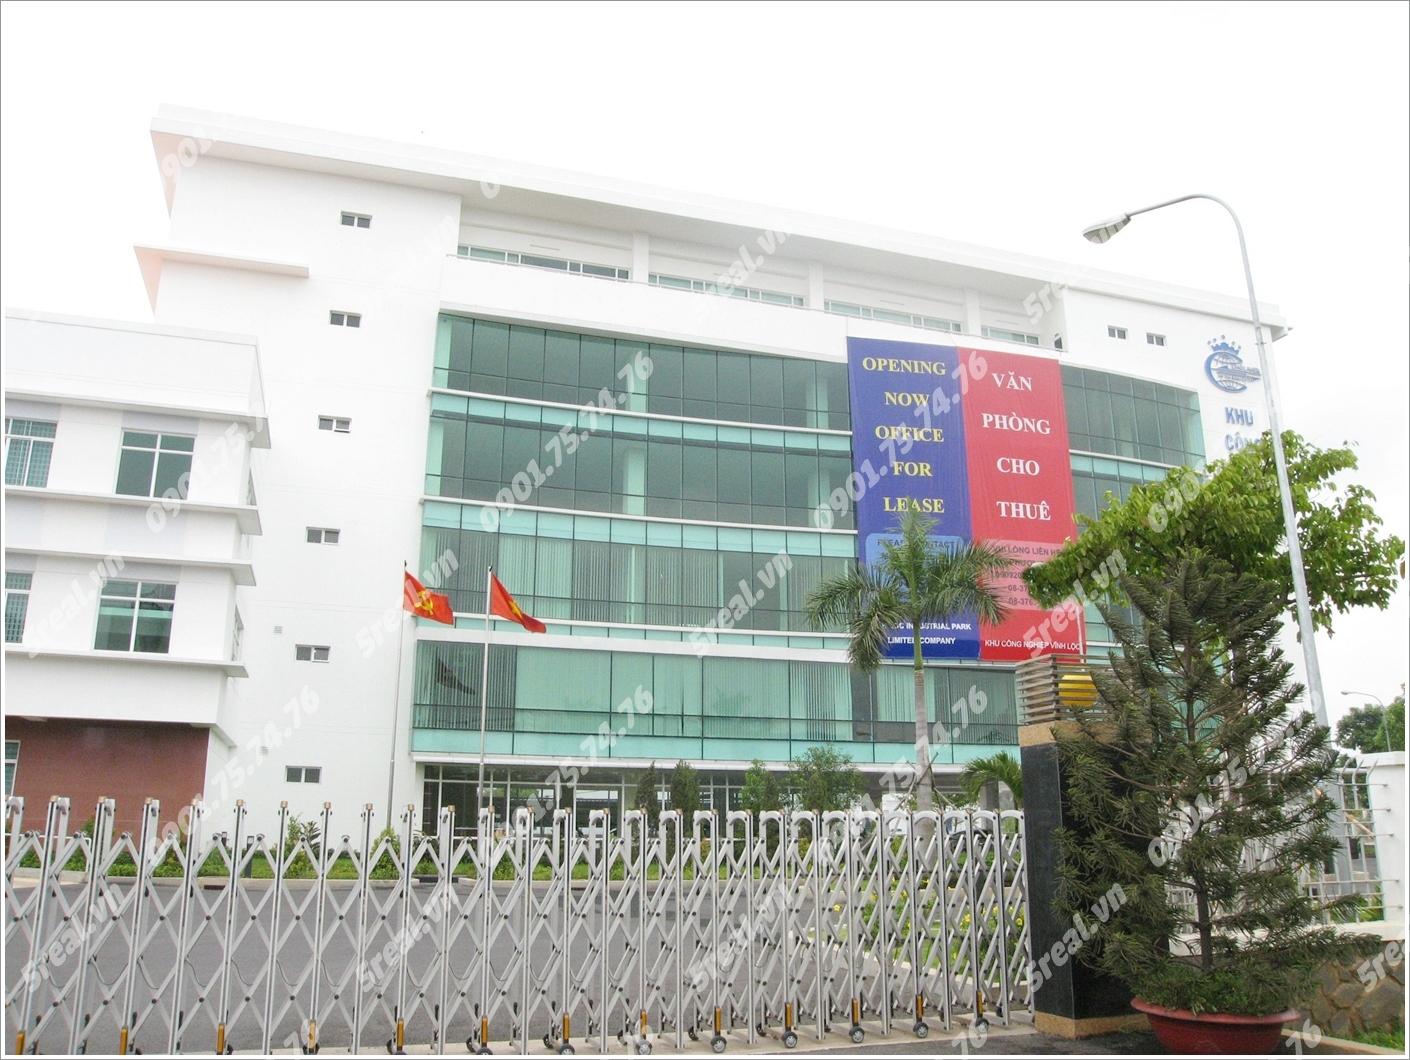 vinh-loc-building-duong-so-7-quan-binh-tan-van-phong-cho-thue-tphcm-5real.vn-01